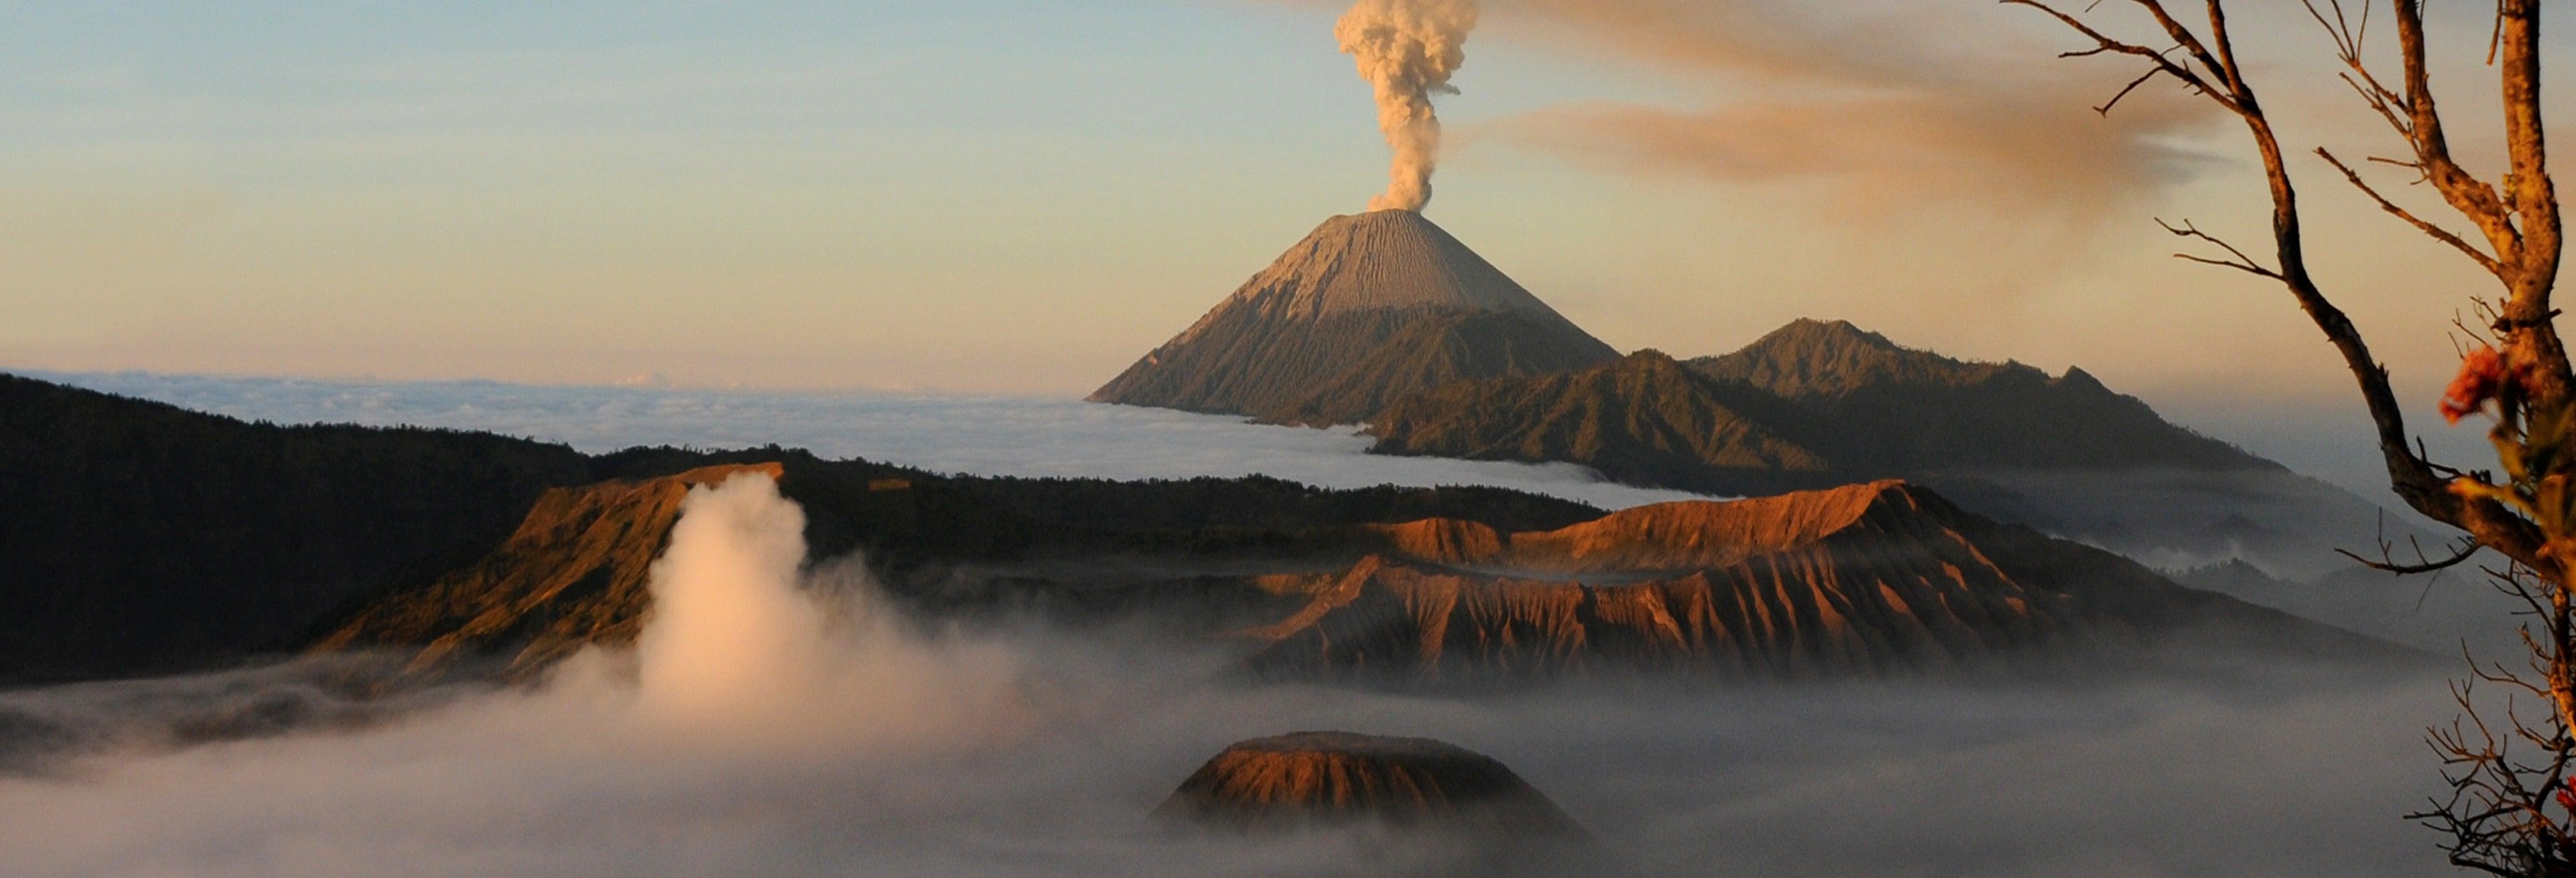 Excursión privada al volcán Bromo